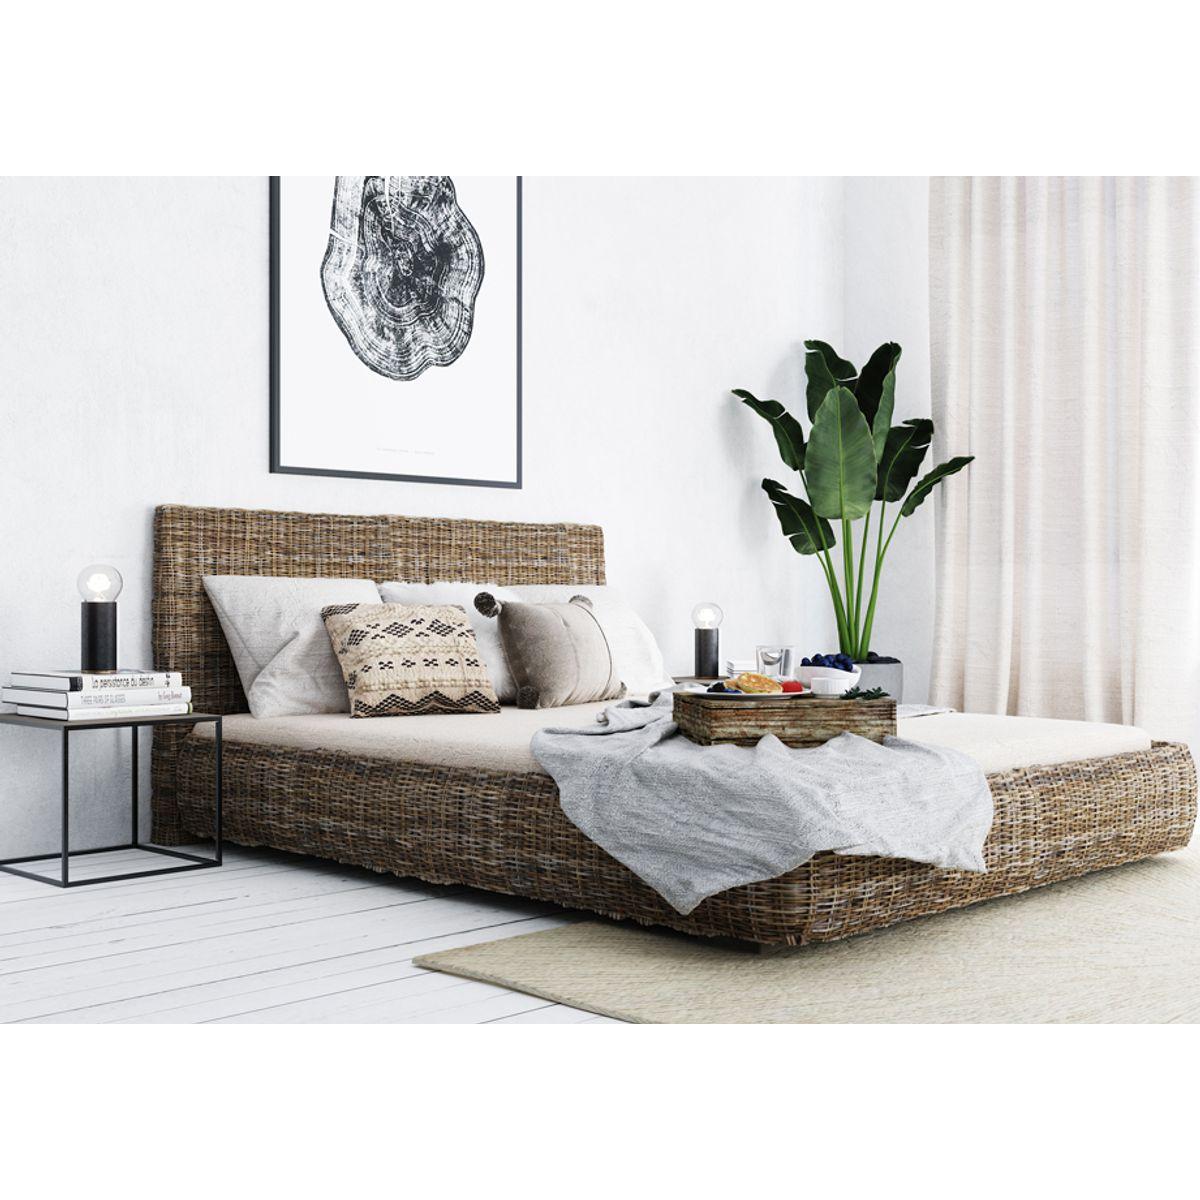 Bout de canapé en métal design contemporain H35 cm